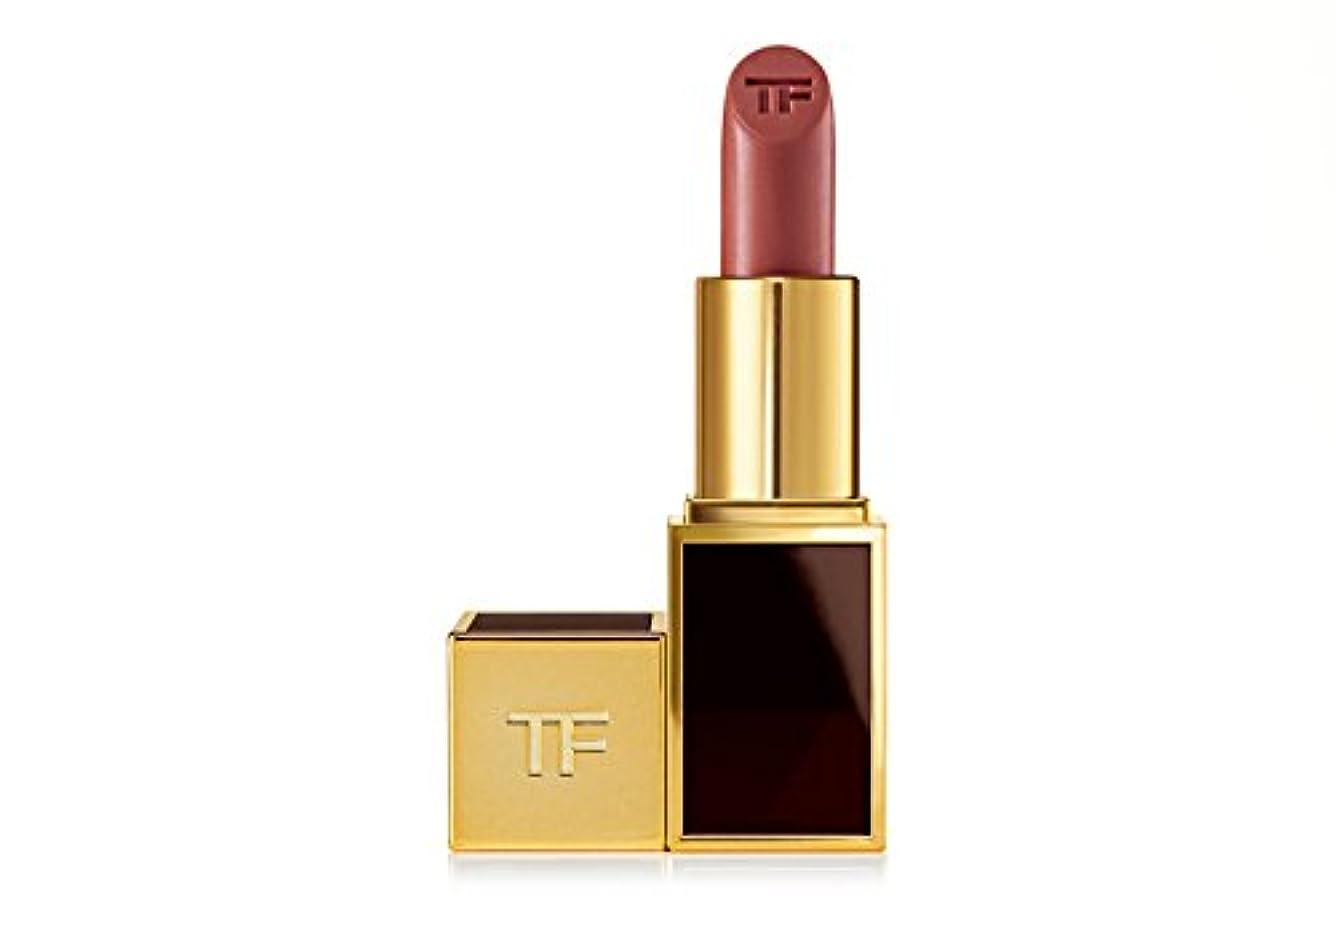 なしでフック依存トムフォード リップス アンド ボーイズ 11 中立 リップカラー 口紅 Tom Ford Lipstick 11 NEUTRALS Lip Color Lips and Boys (#20 Richard リチャード) [並行輸入品]